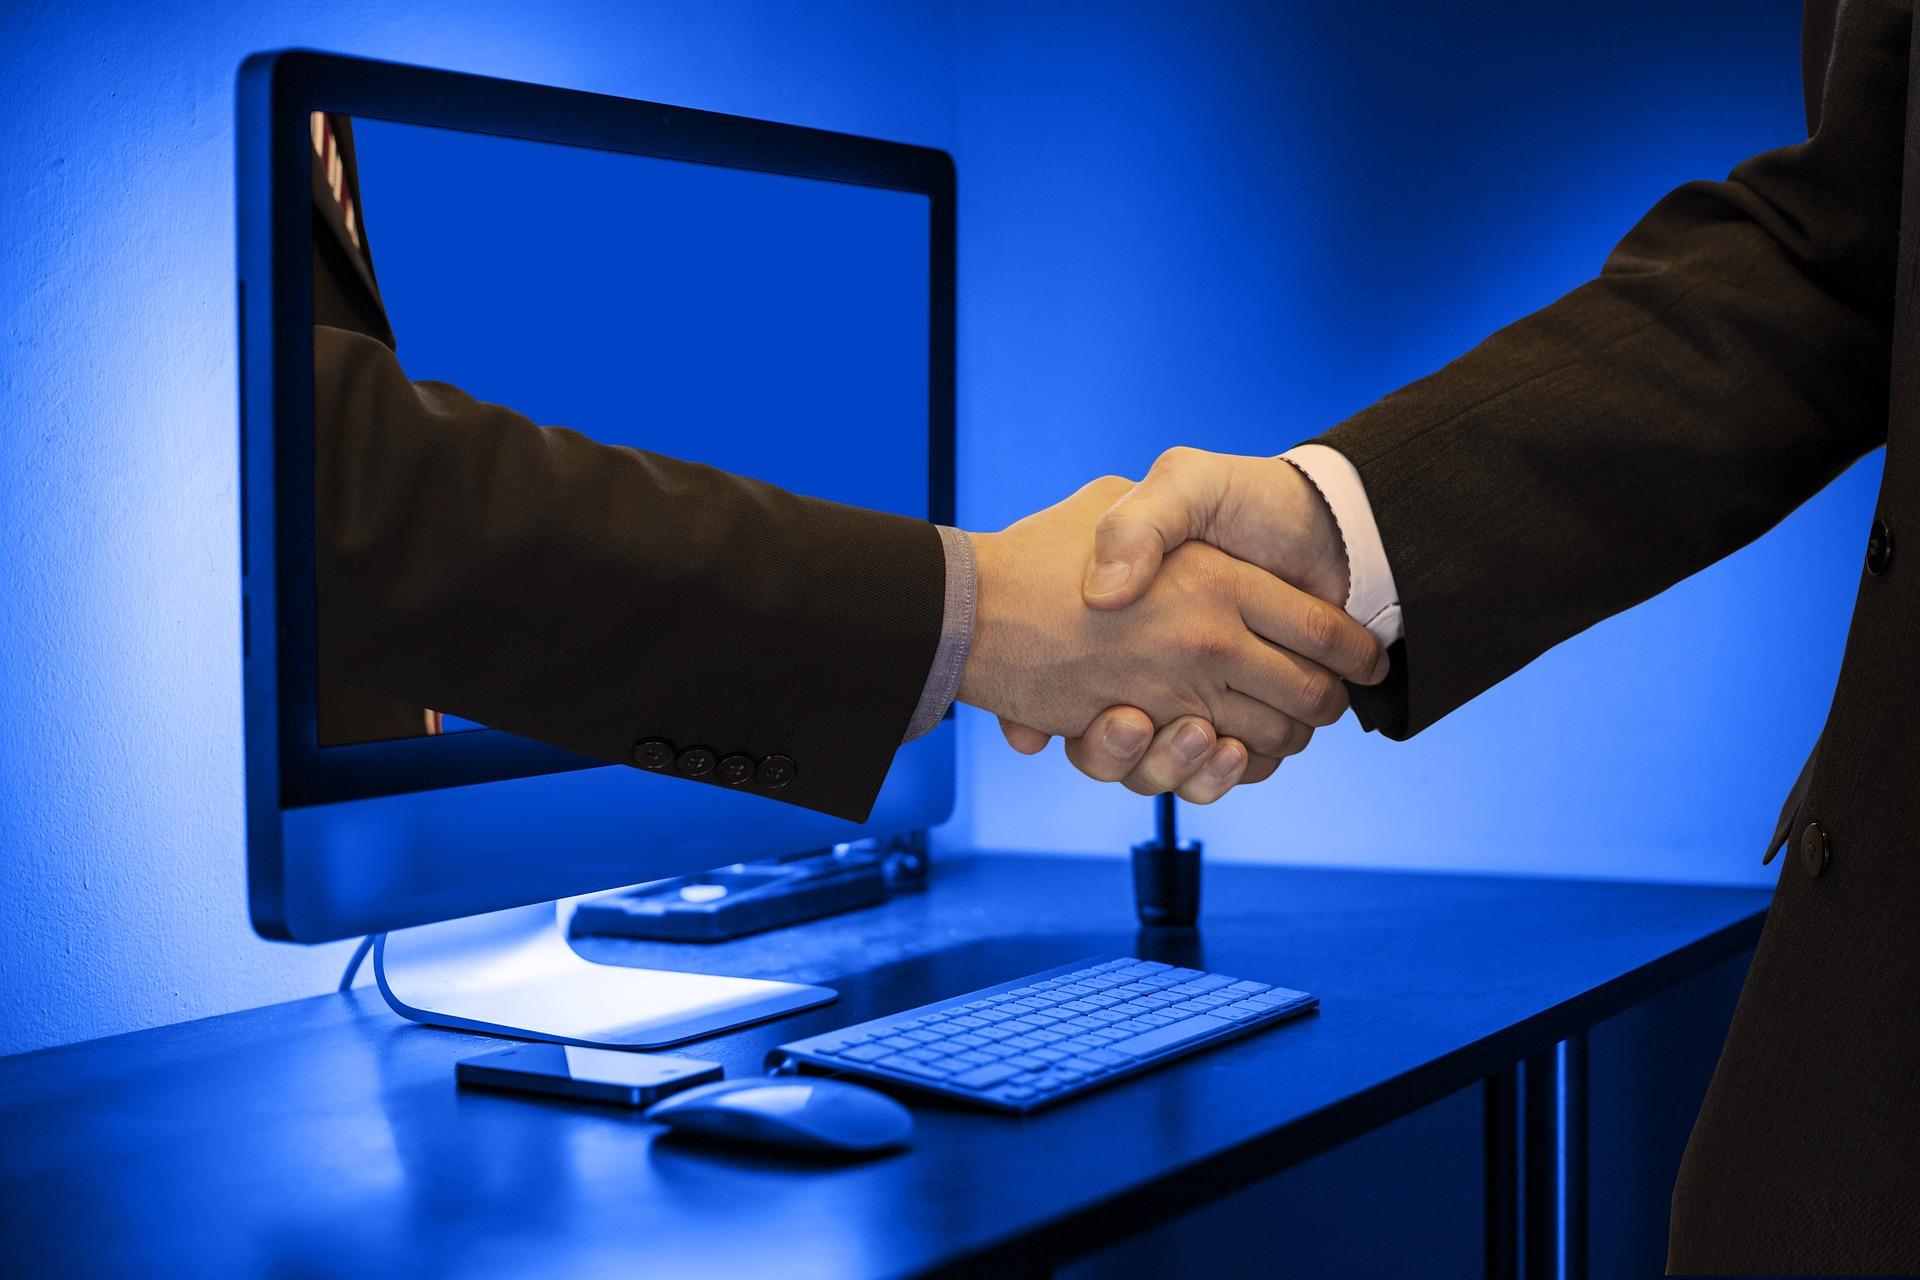 online-handshake